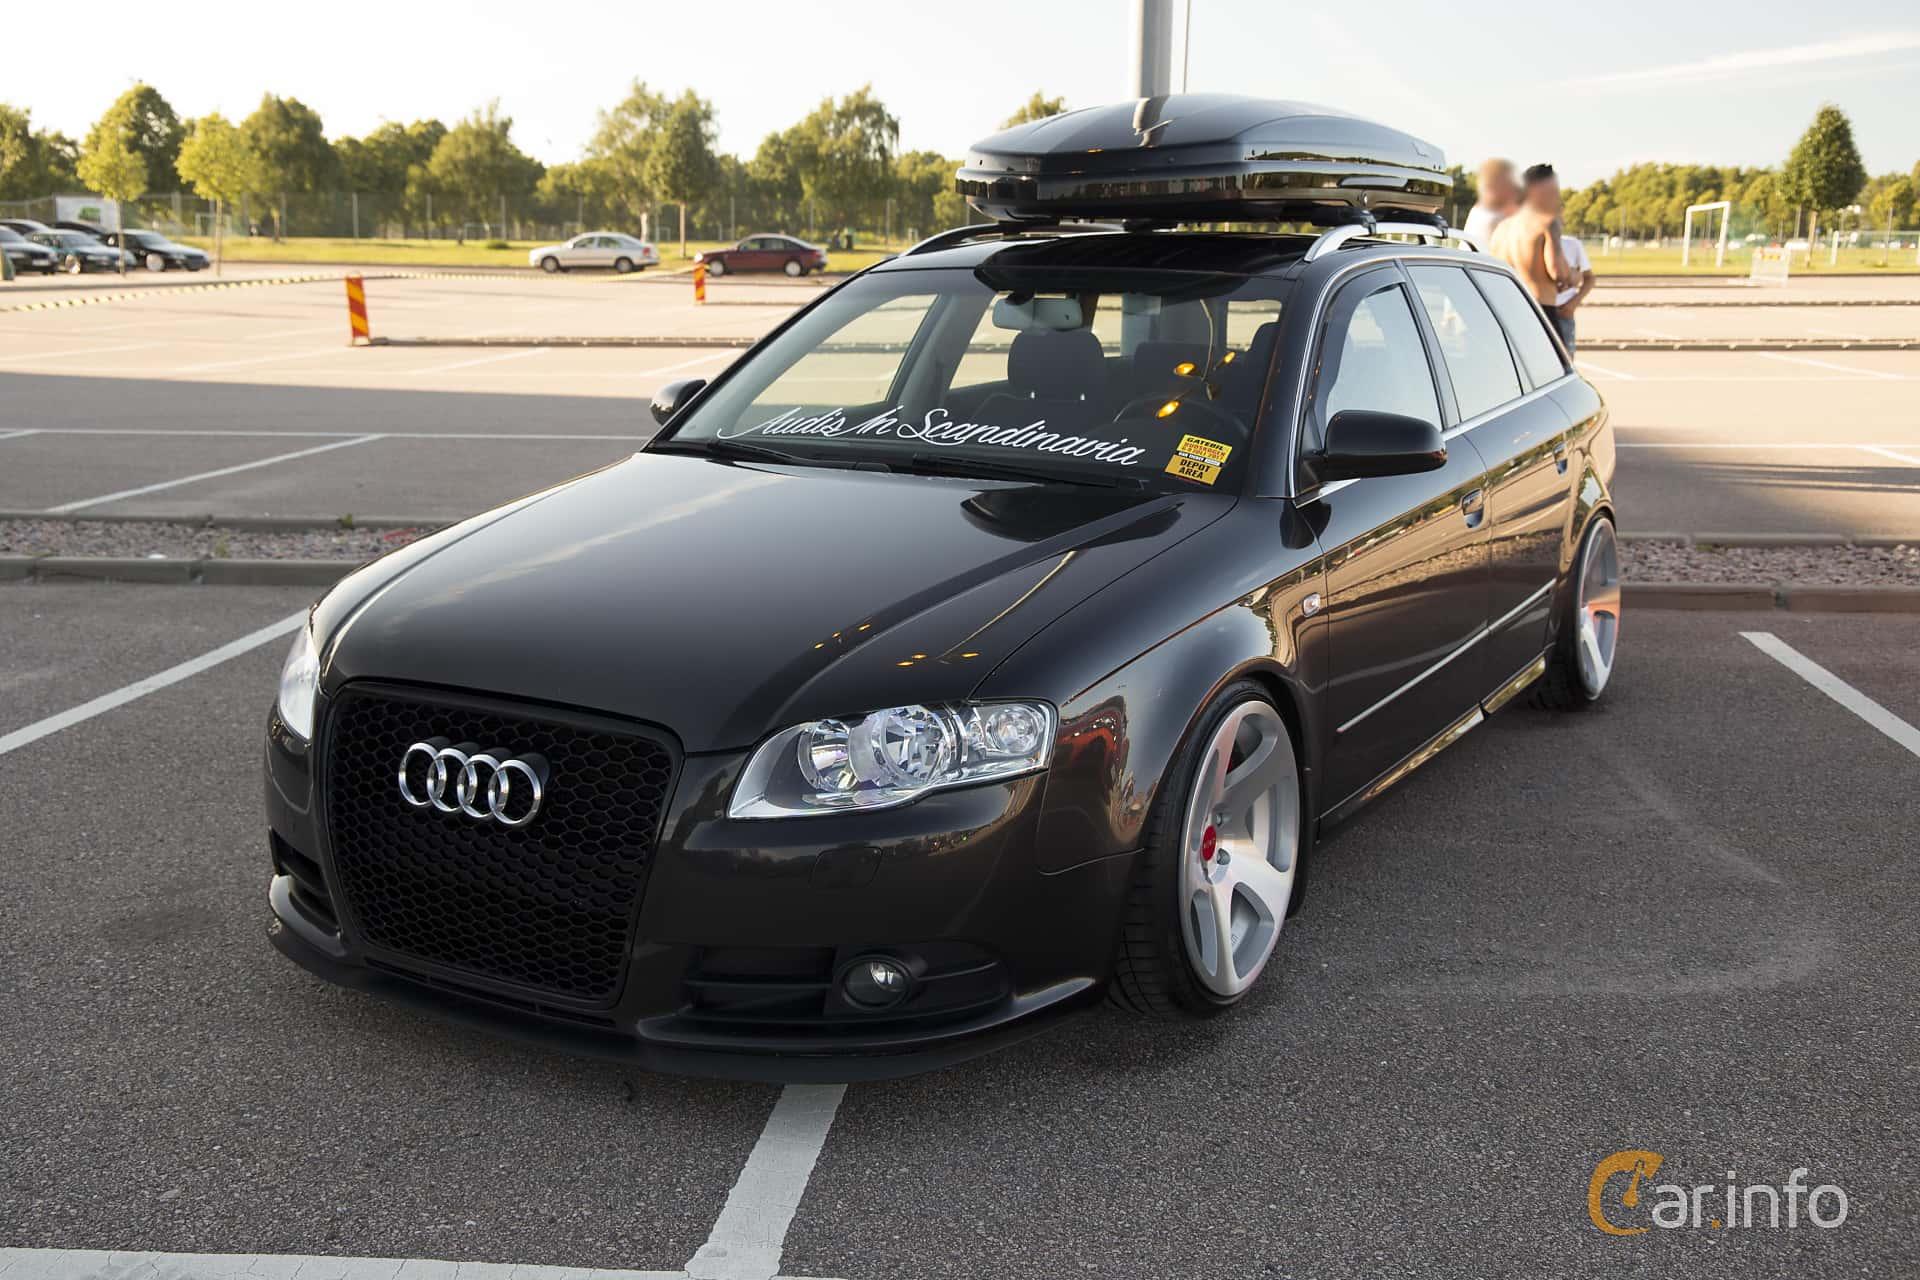 Kelebihan Kekurangan Audi A4 Avant 2008 Review